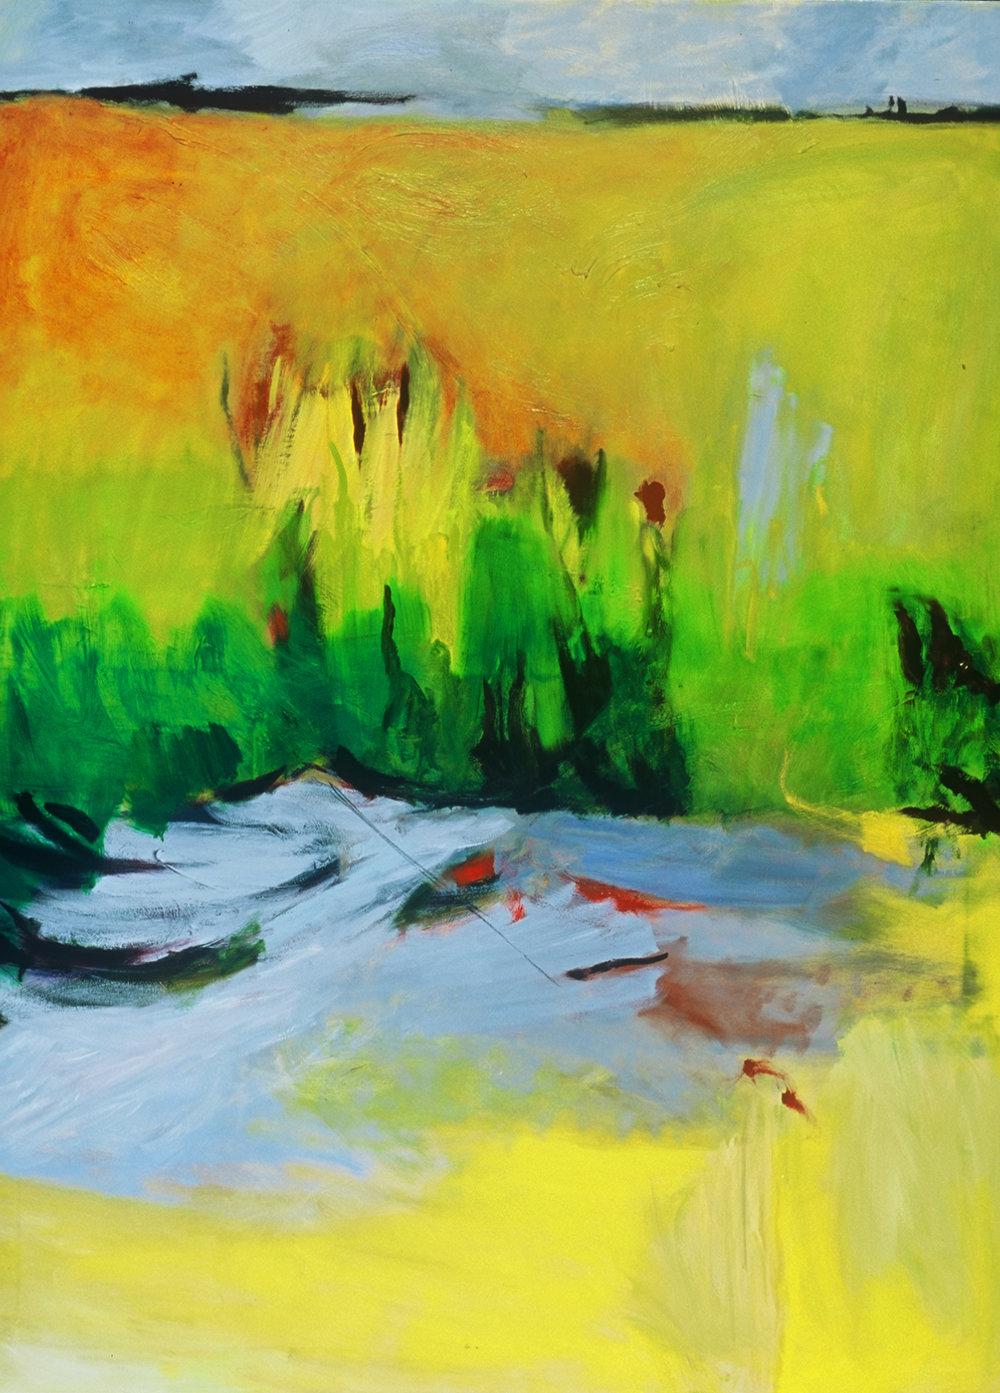 Run Off, acrylic on canvas